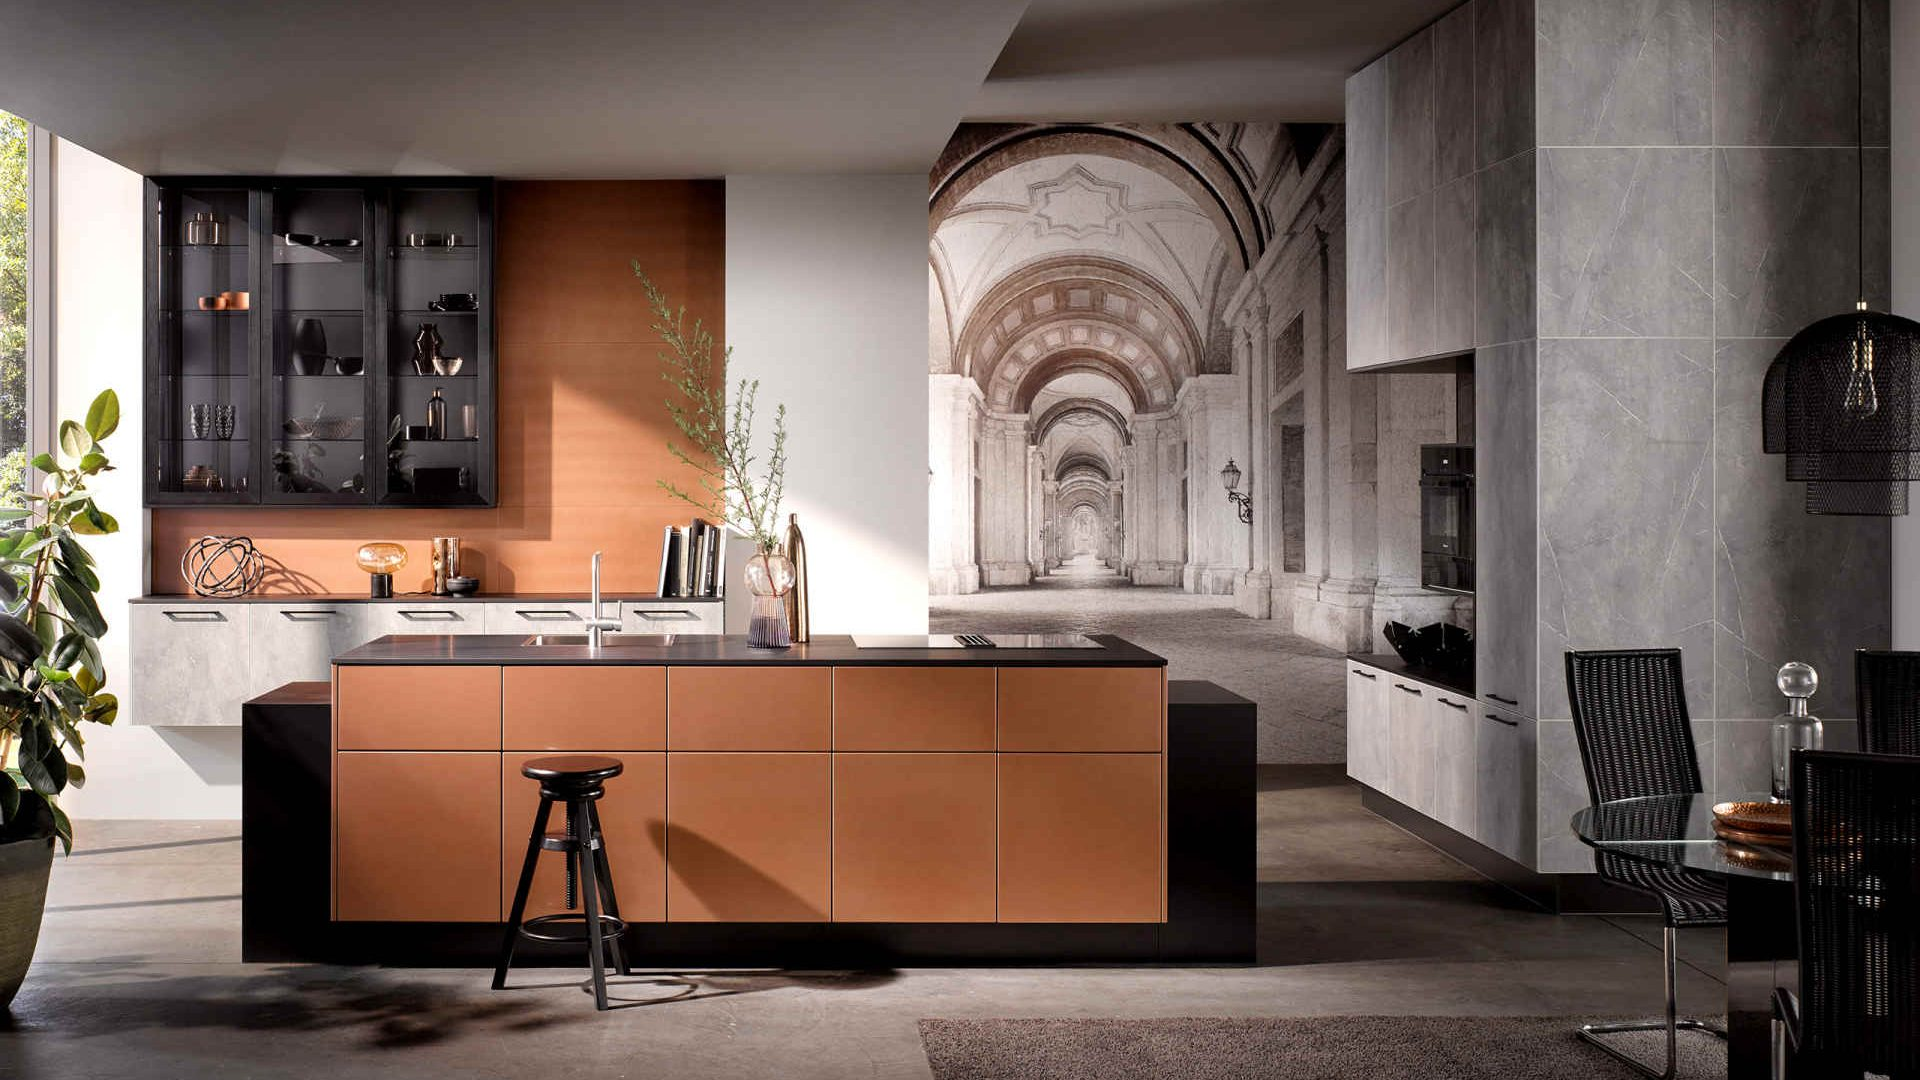 Häcker Küche   Grauer Marmor mit Kupferfronten - Küchentrends 2021